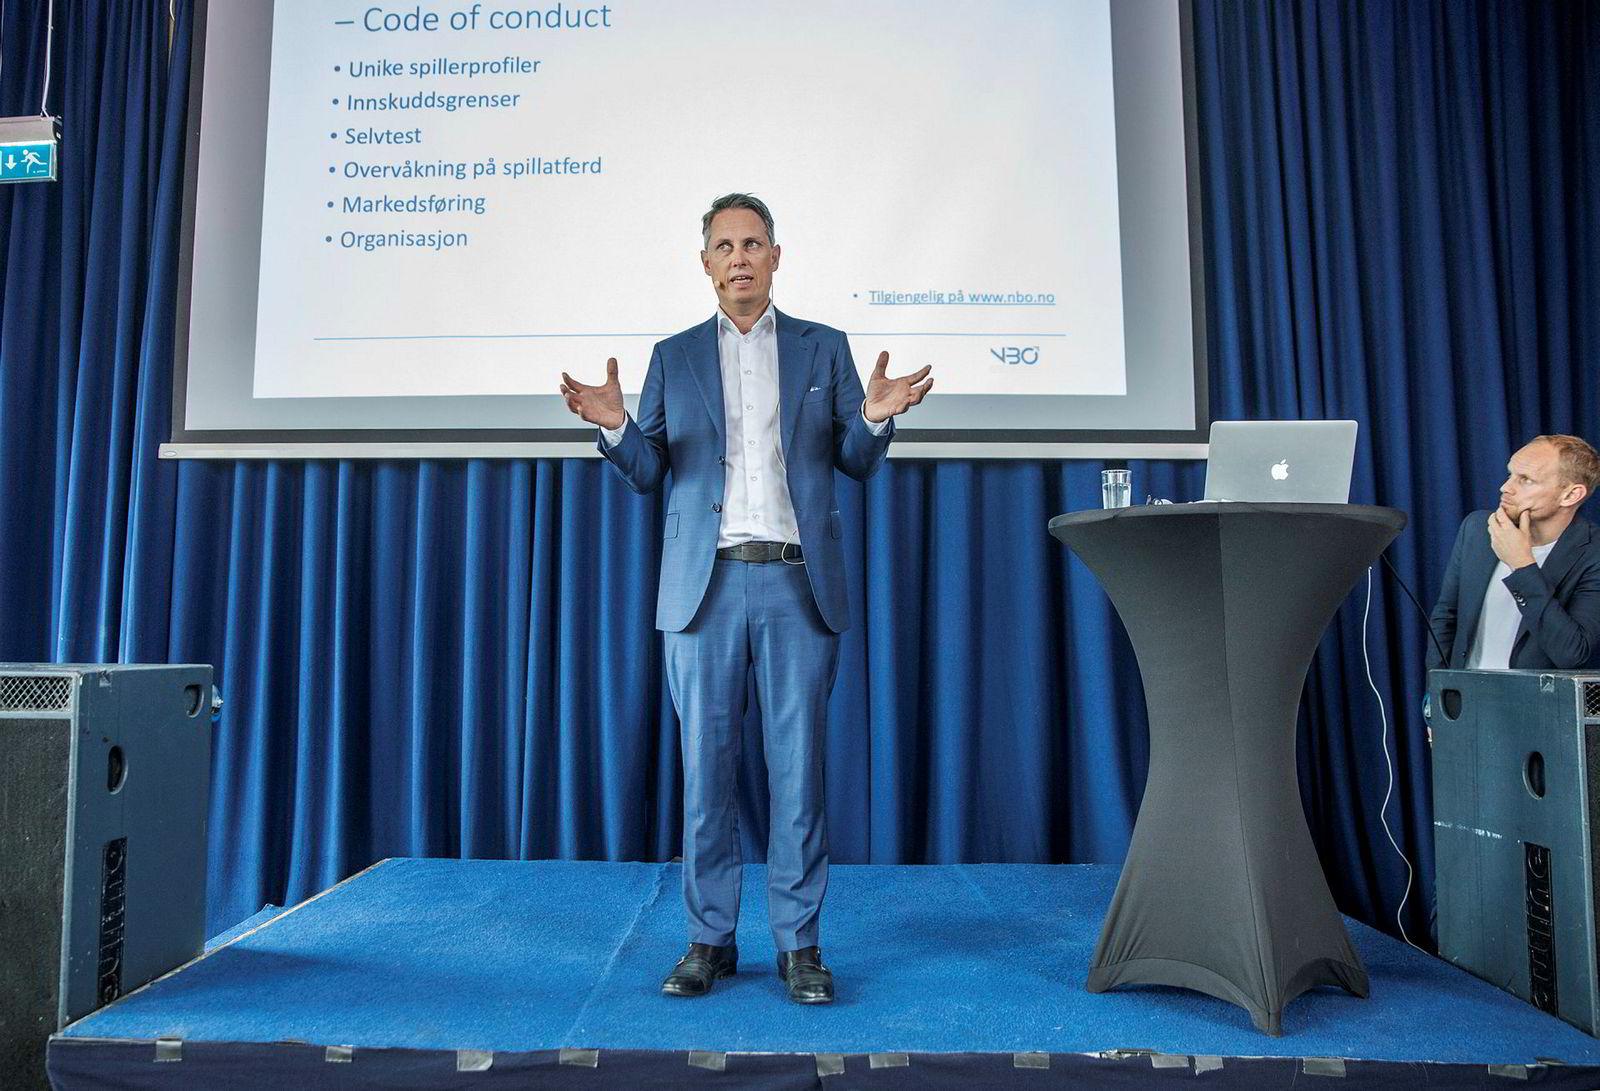 Generalsekretær Carl Fredrik Stenstrøm i NBO på scenen under mandagens arrangement.